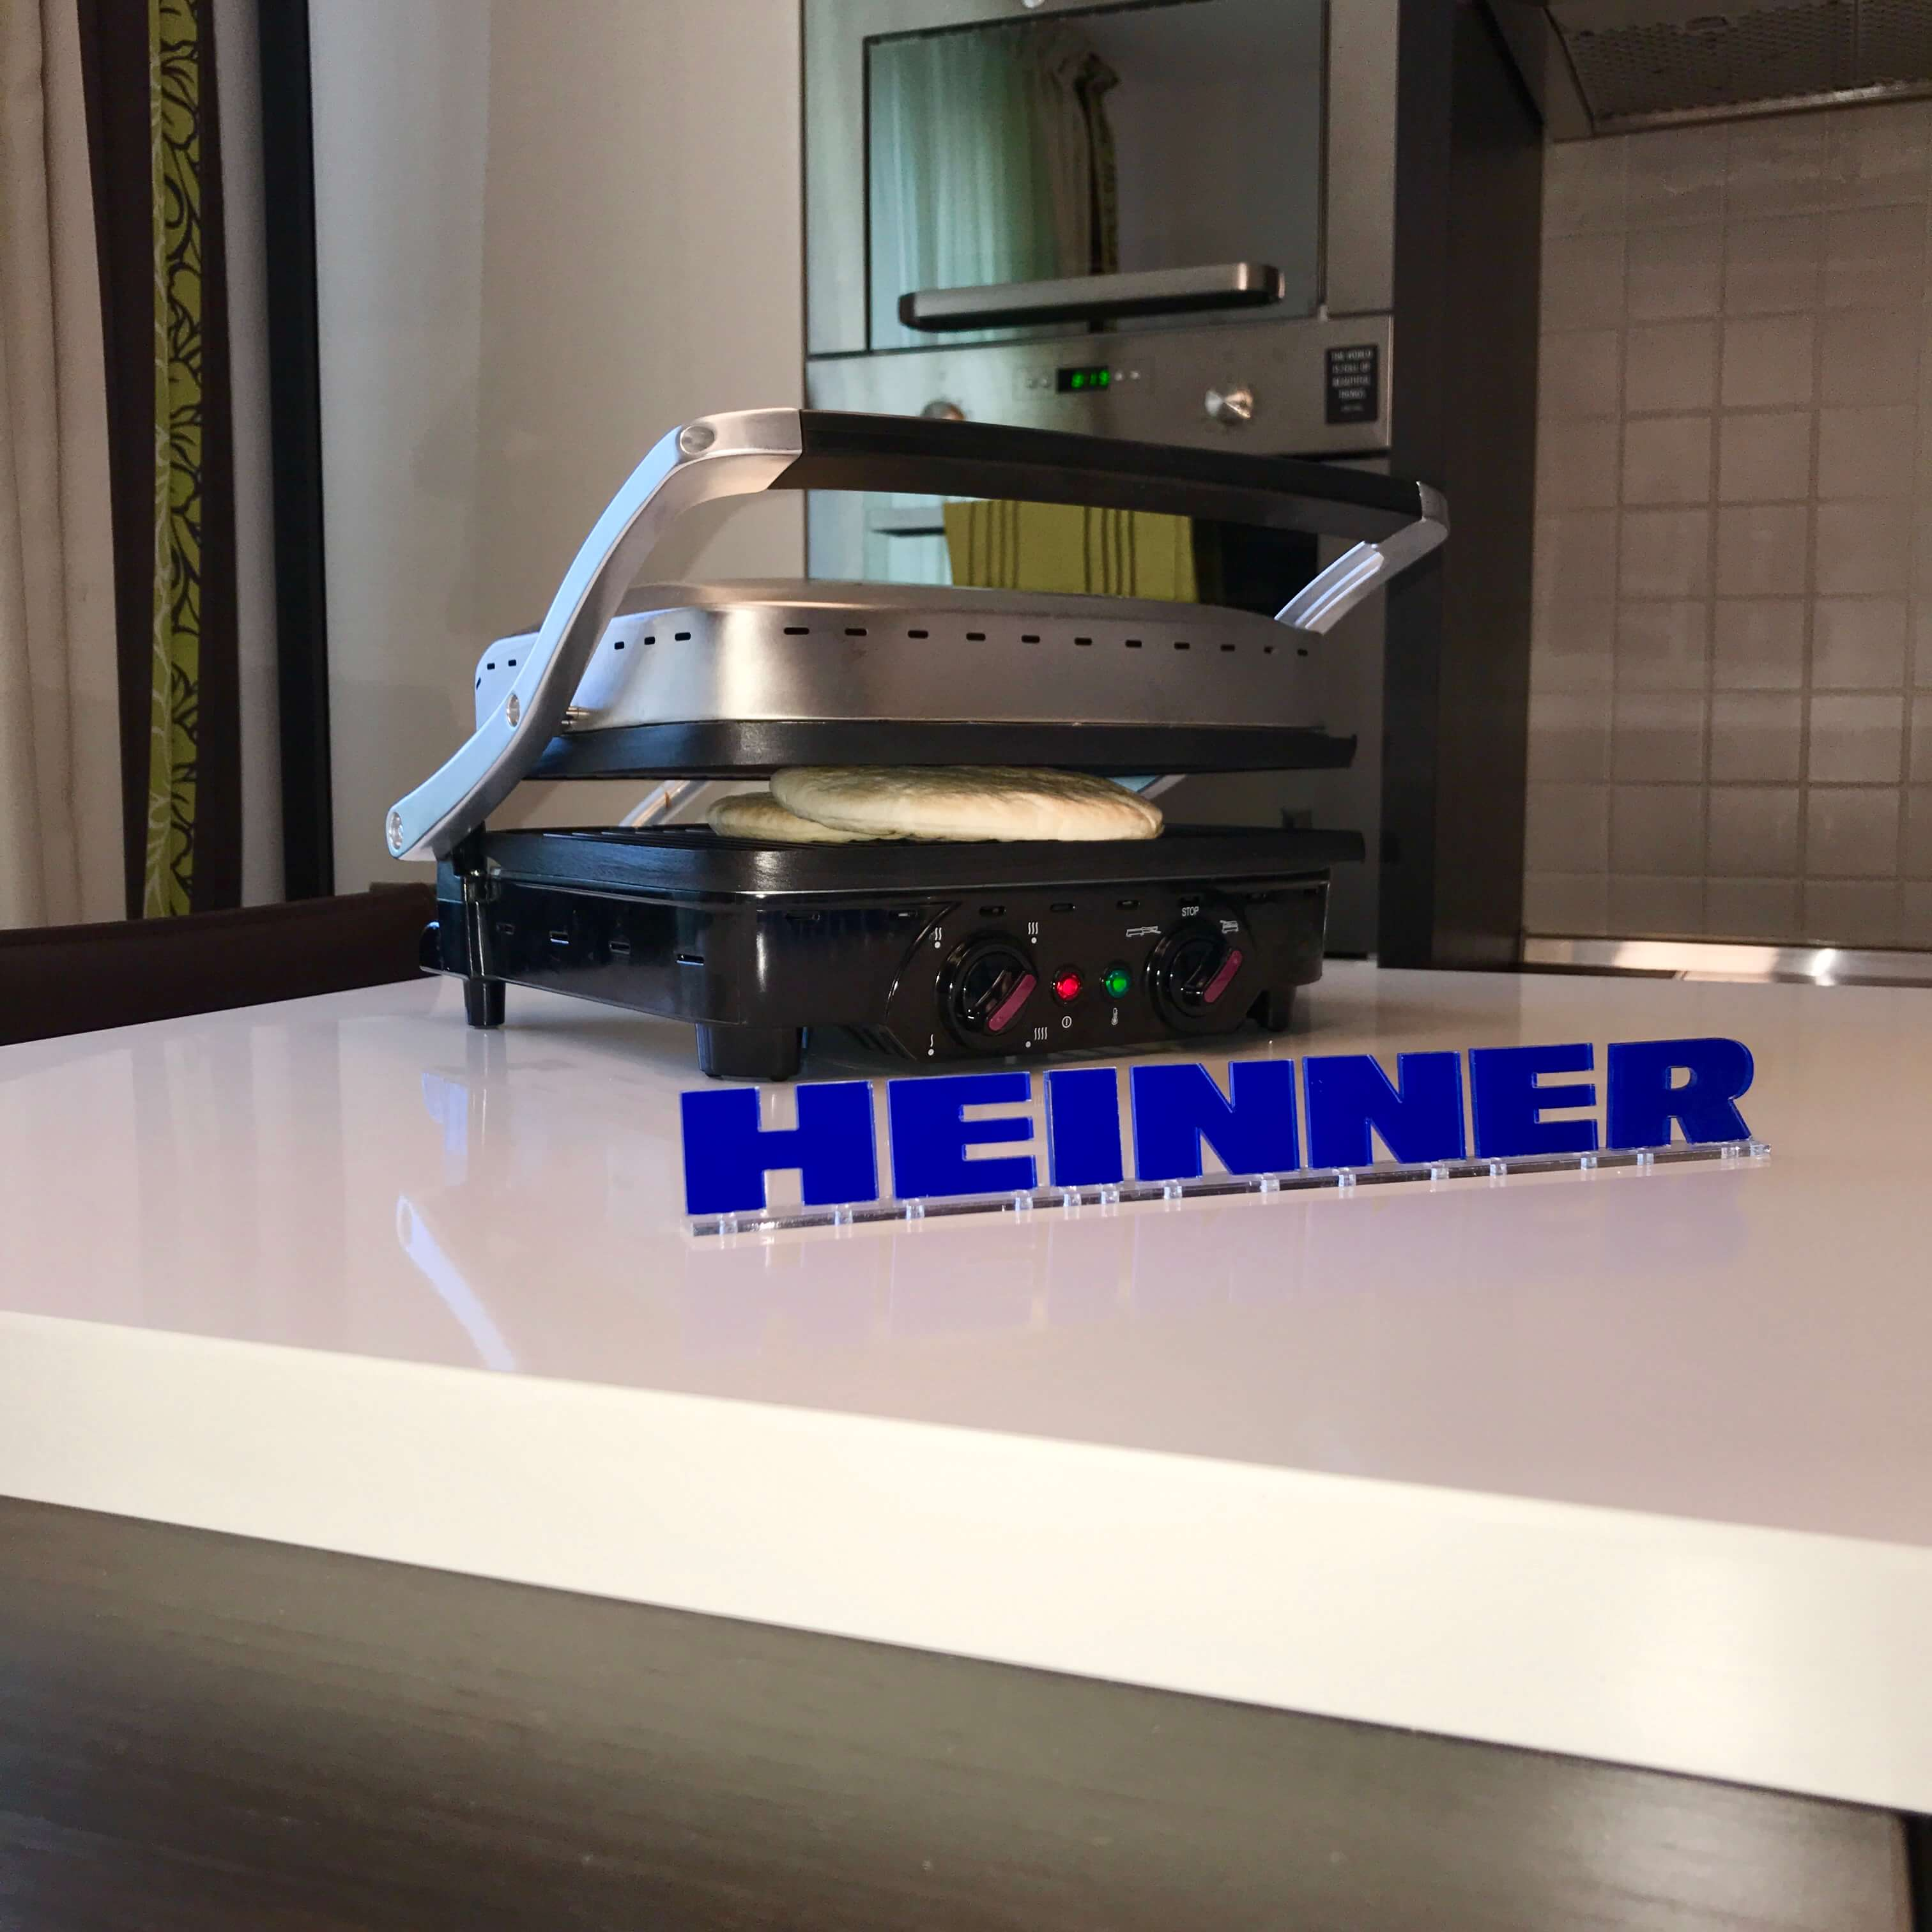 Retete pentru gratarul electric Heinner 5